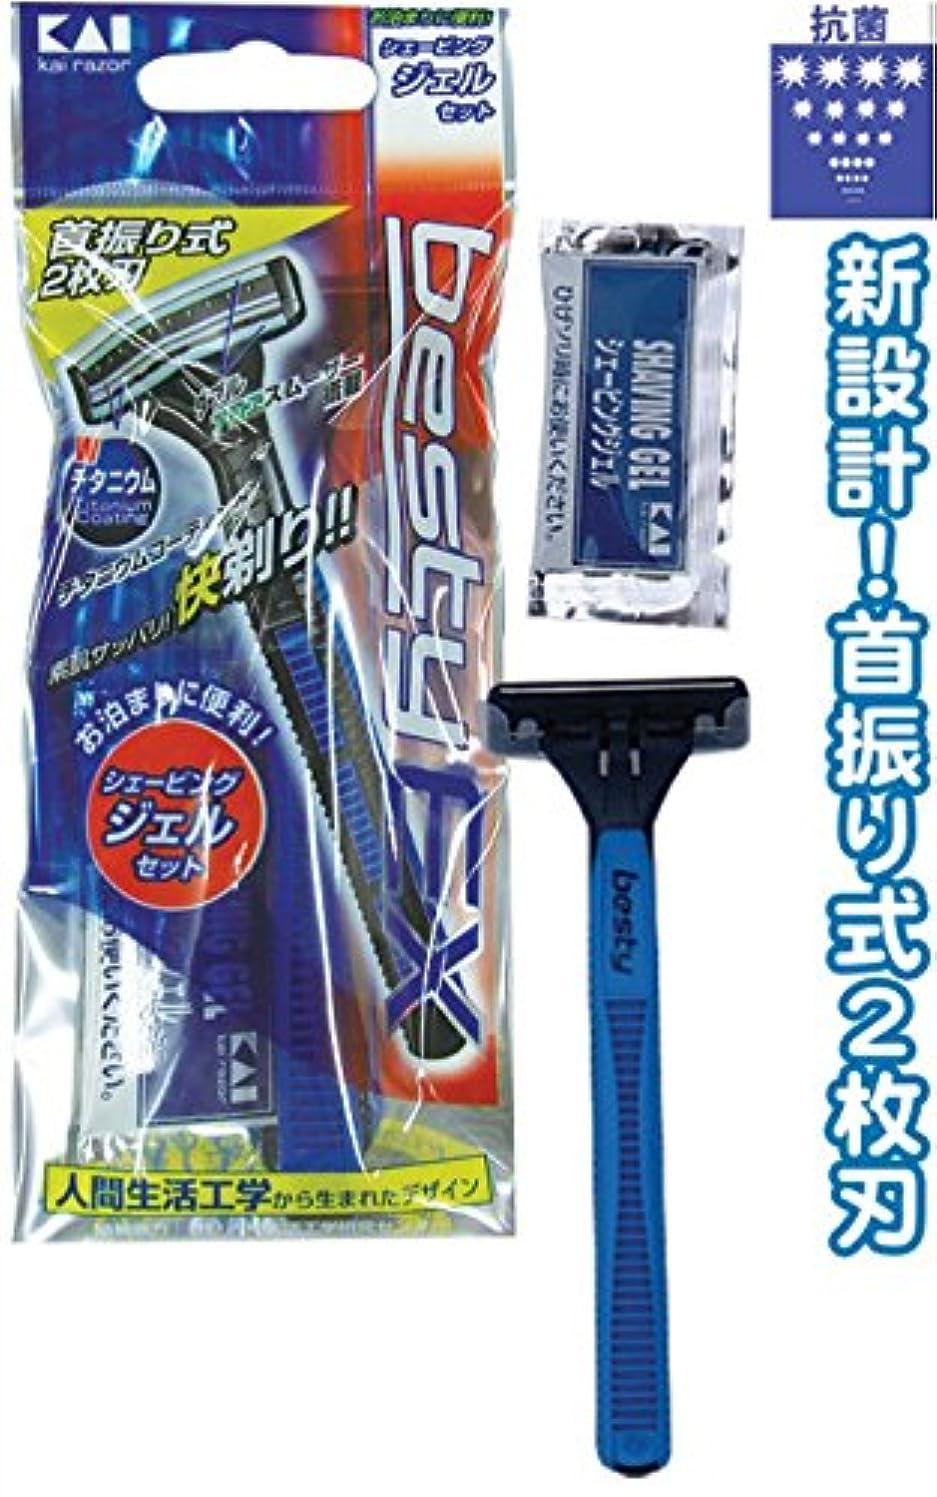 日本製 japan 貝印01-086 ベスティEX(首振り式?ジェルセット) 【まとめ買い10個セット】 21-022